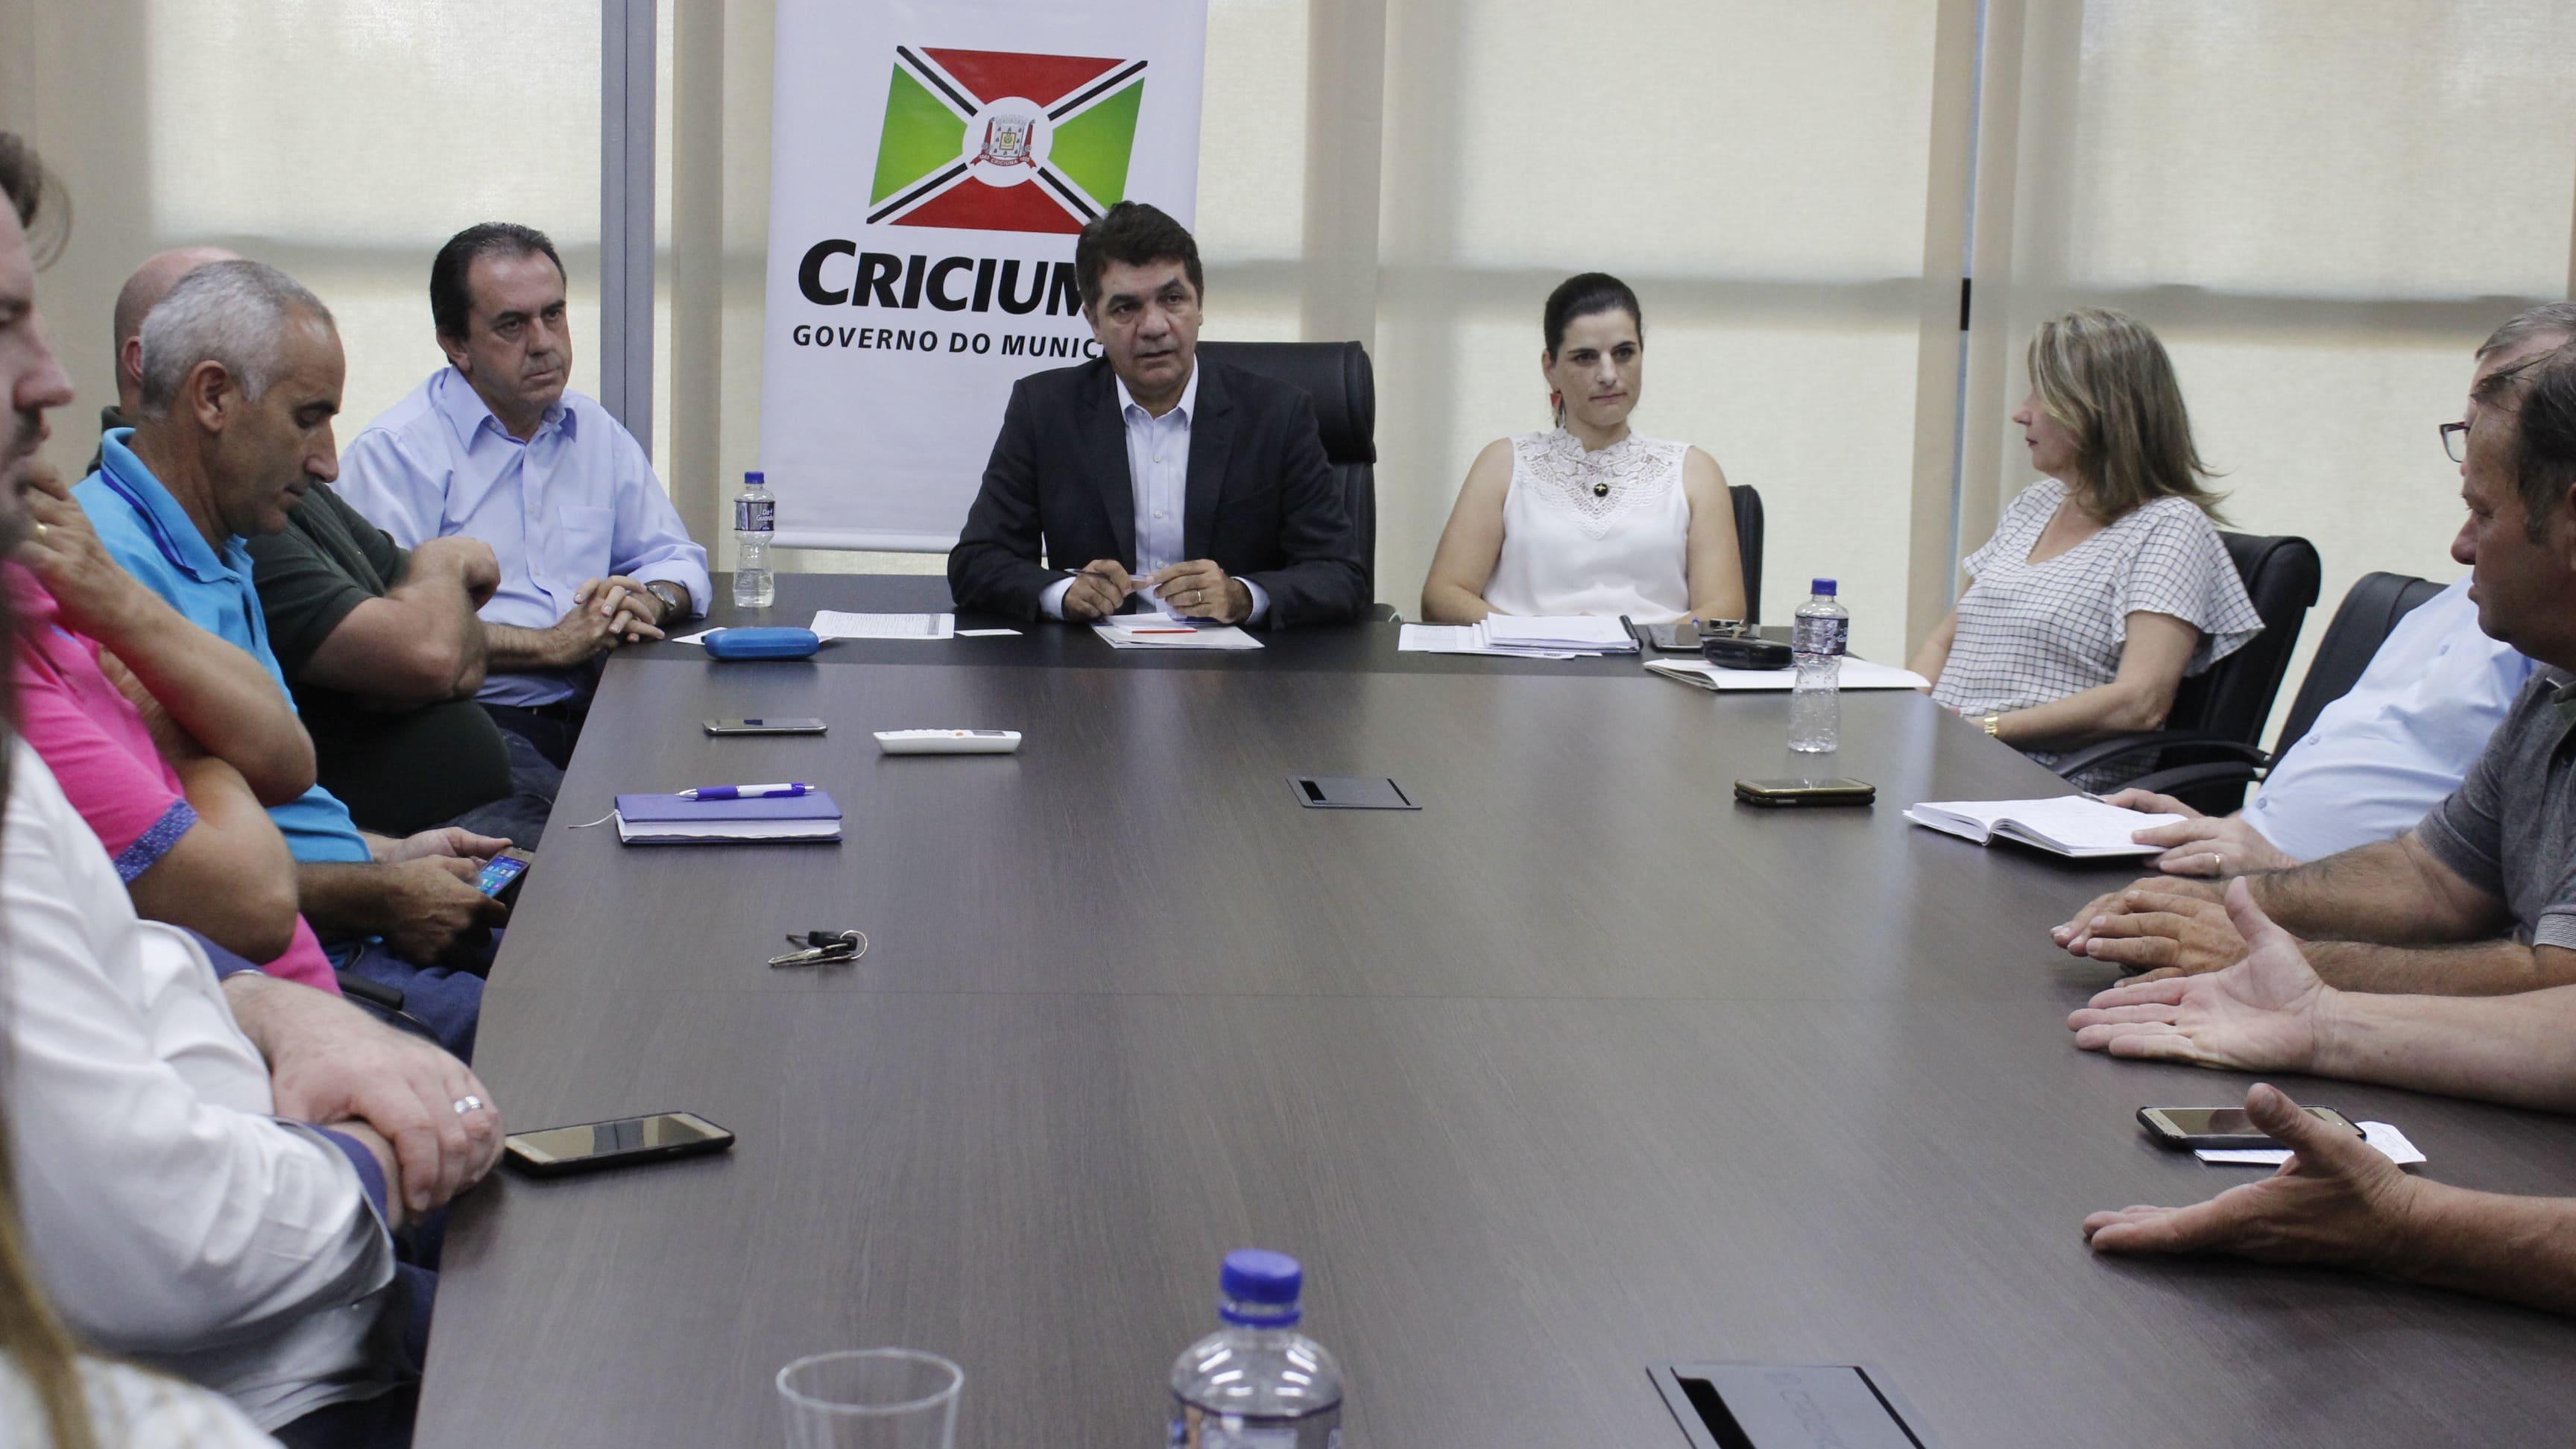 Última semana para se inscrever no concurso público da Prefeitura de Criciúma